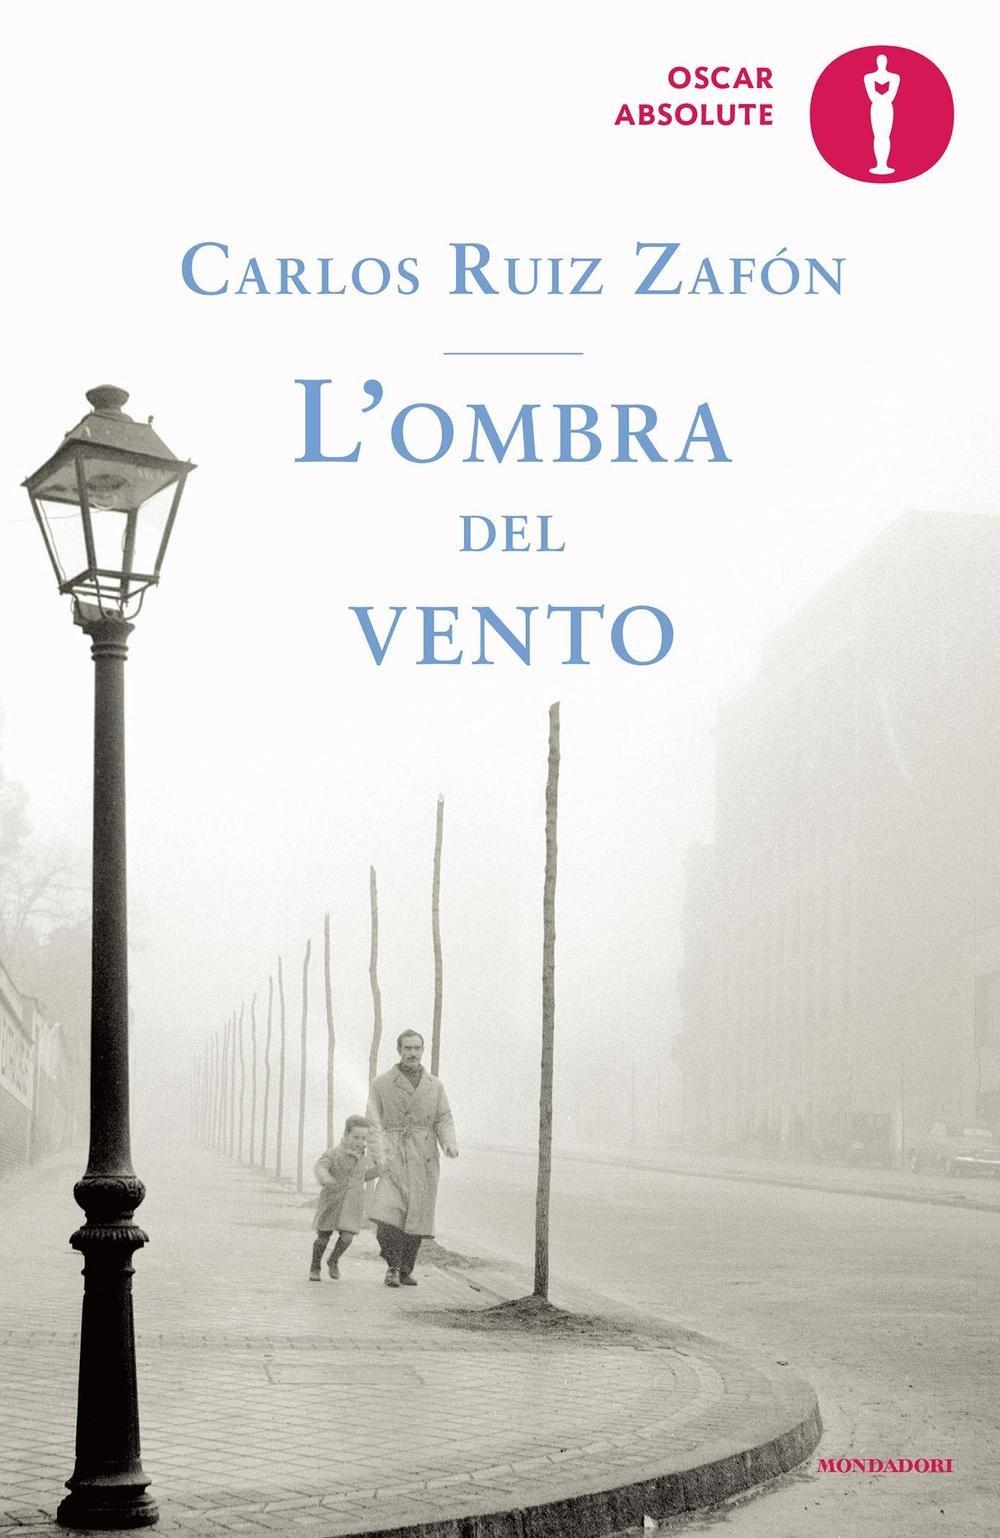 Addio a Carlos Ruiz Zafón: le 10 più belle frasi del capolavoro 'L'Ombra del vento'